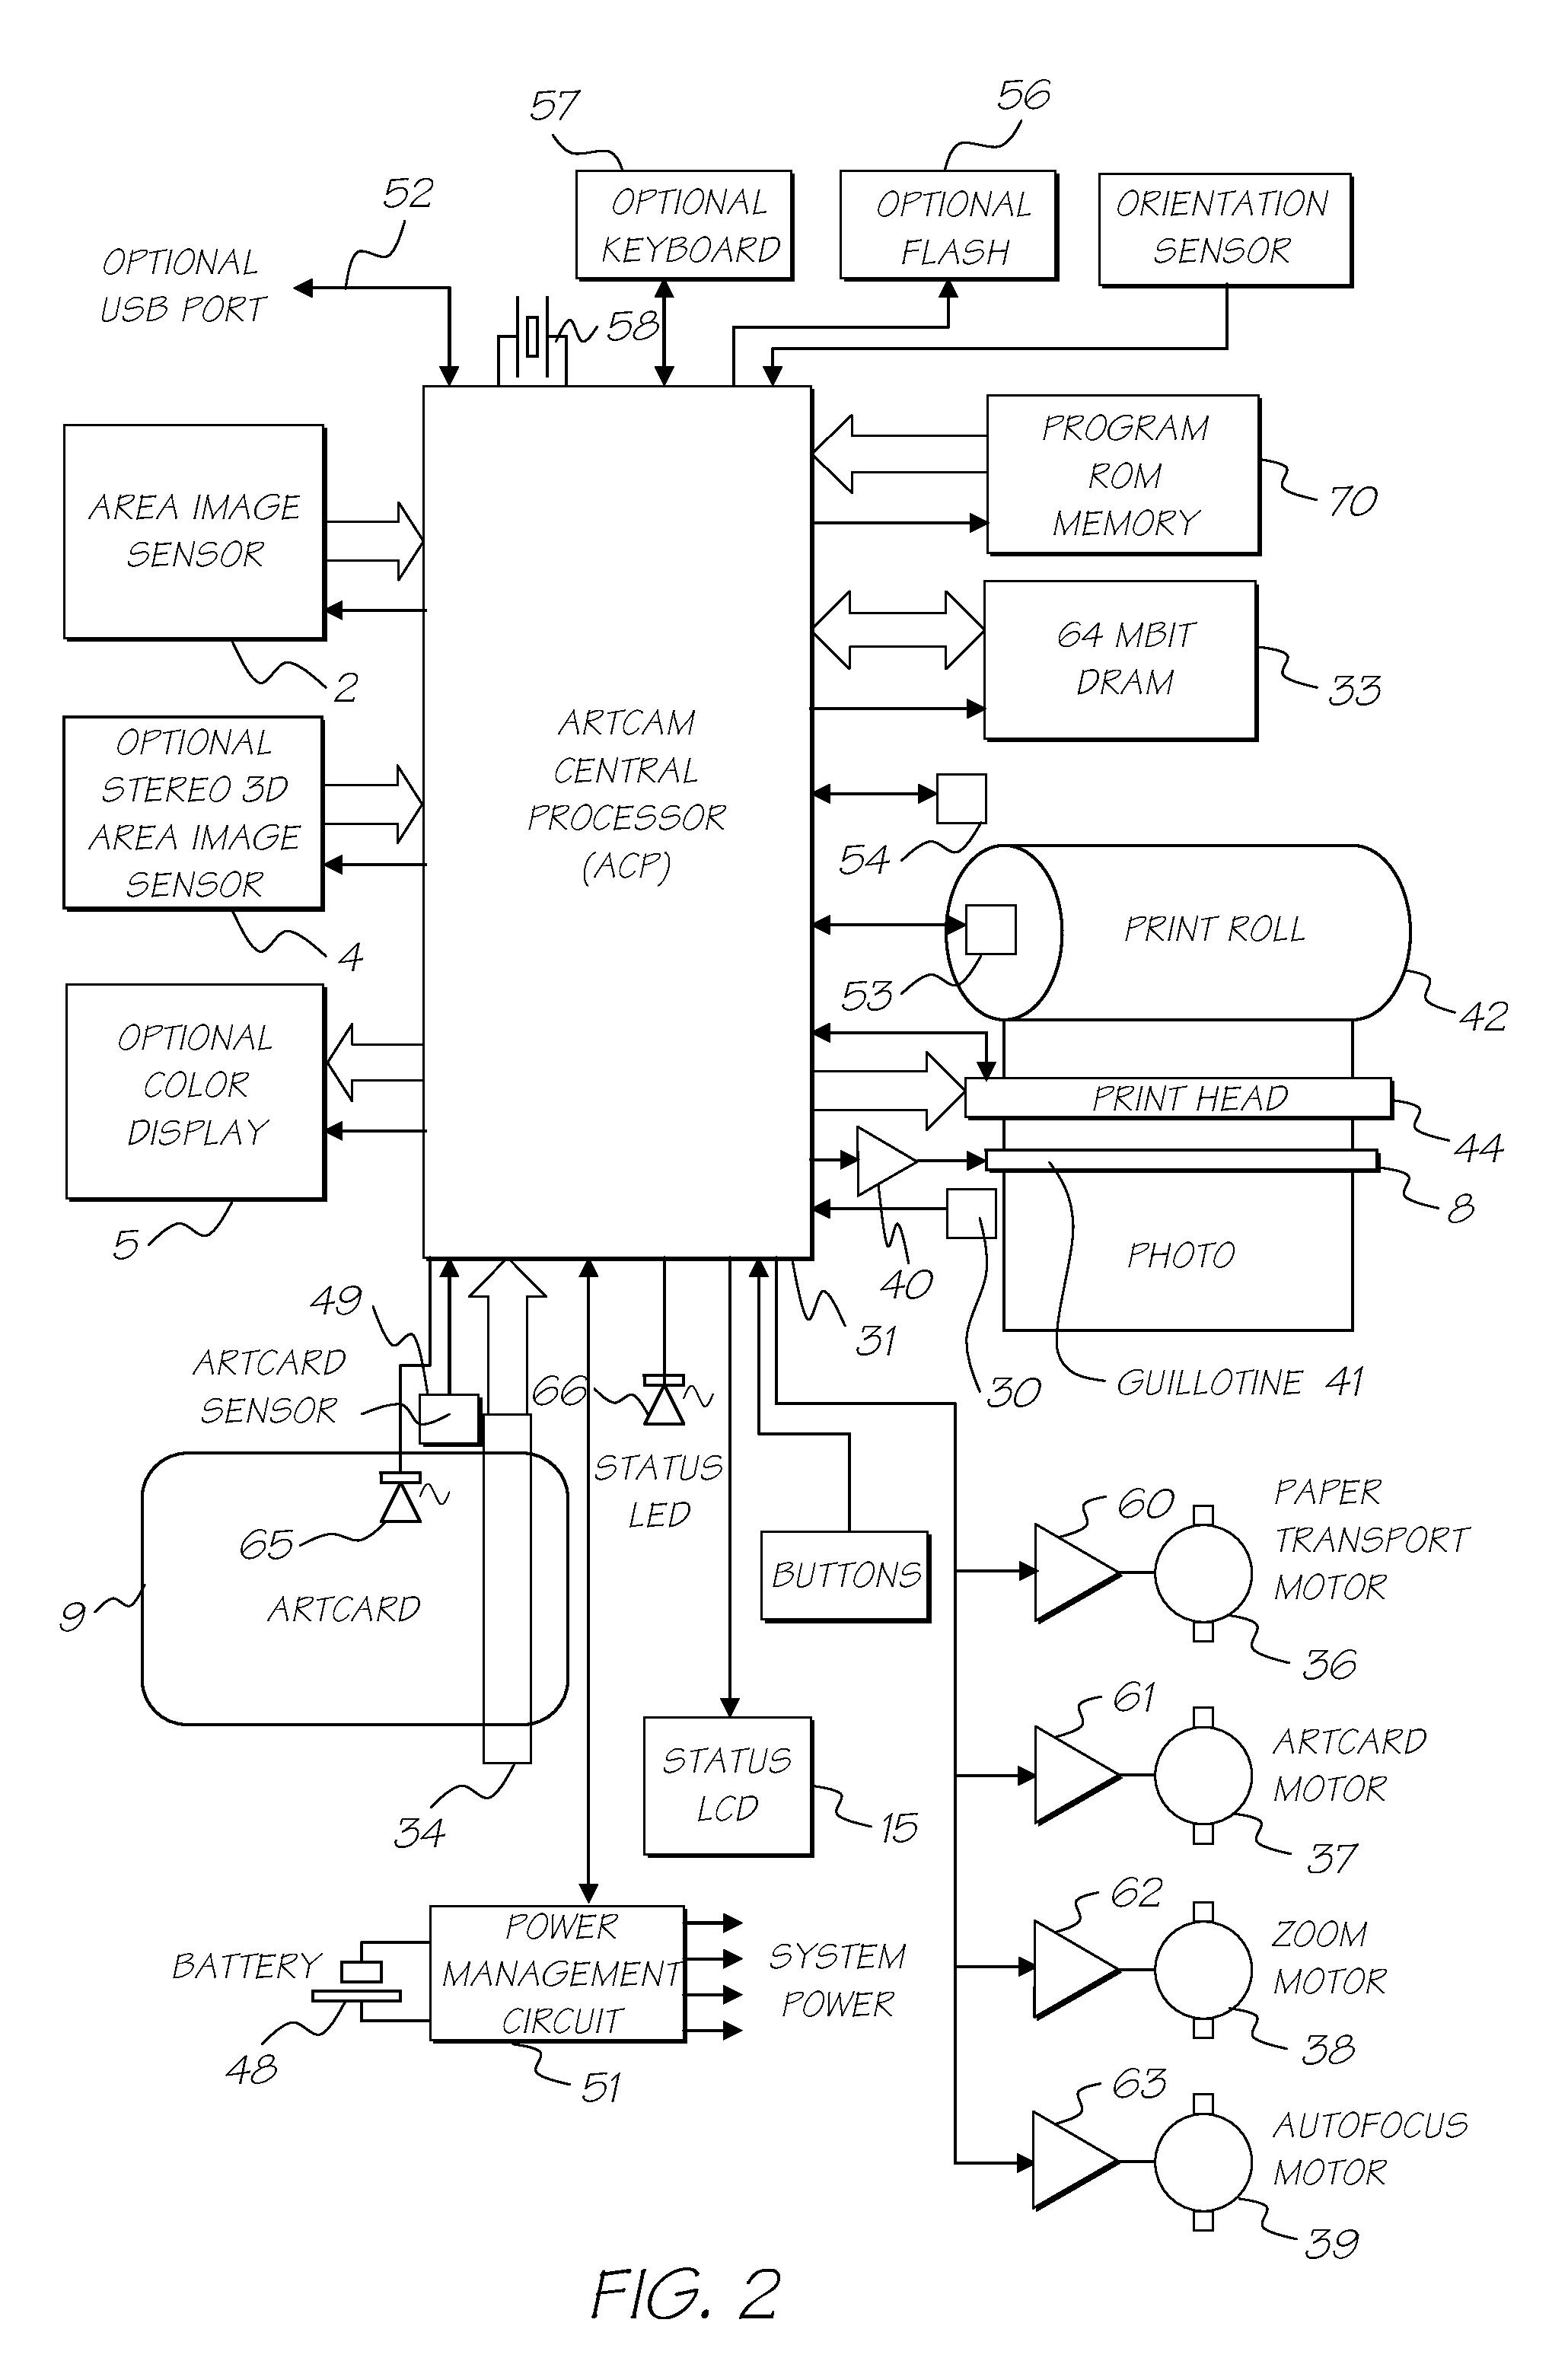 Otis Elevator Wiring Diagram Lrv 2010l. . Wiring Diagram on